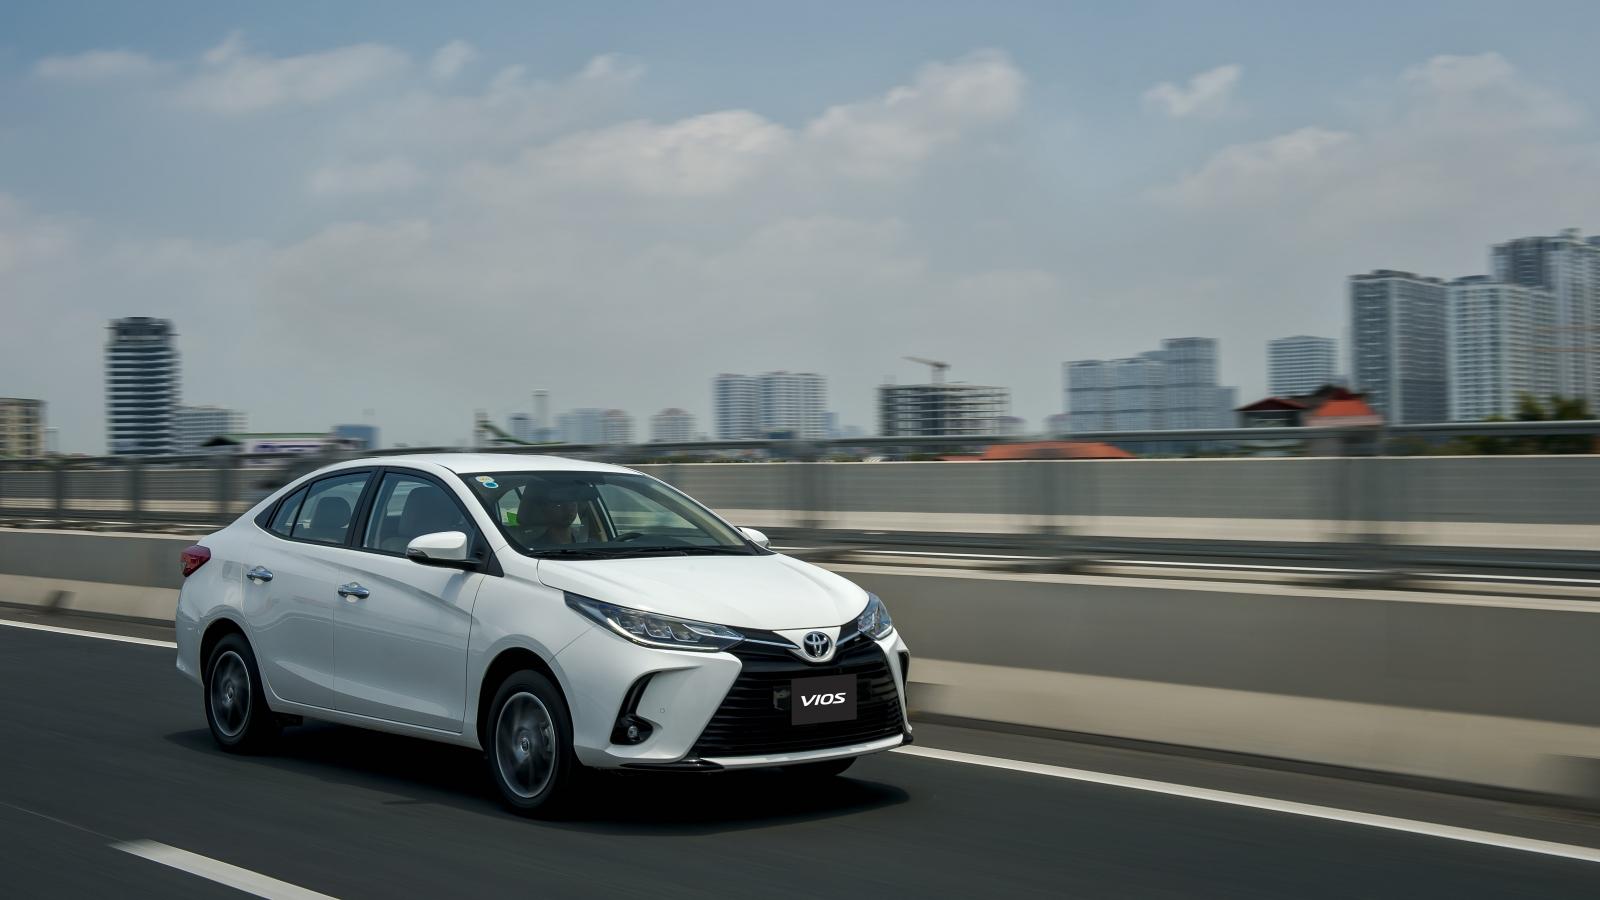 Toyota Vios: Lựa chọn hoàn hảo cho người mua ô tô lần đầu